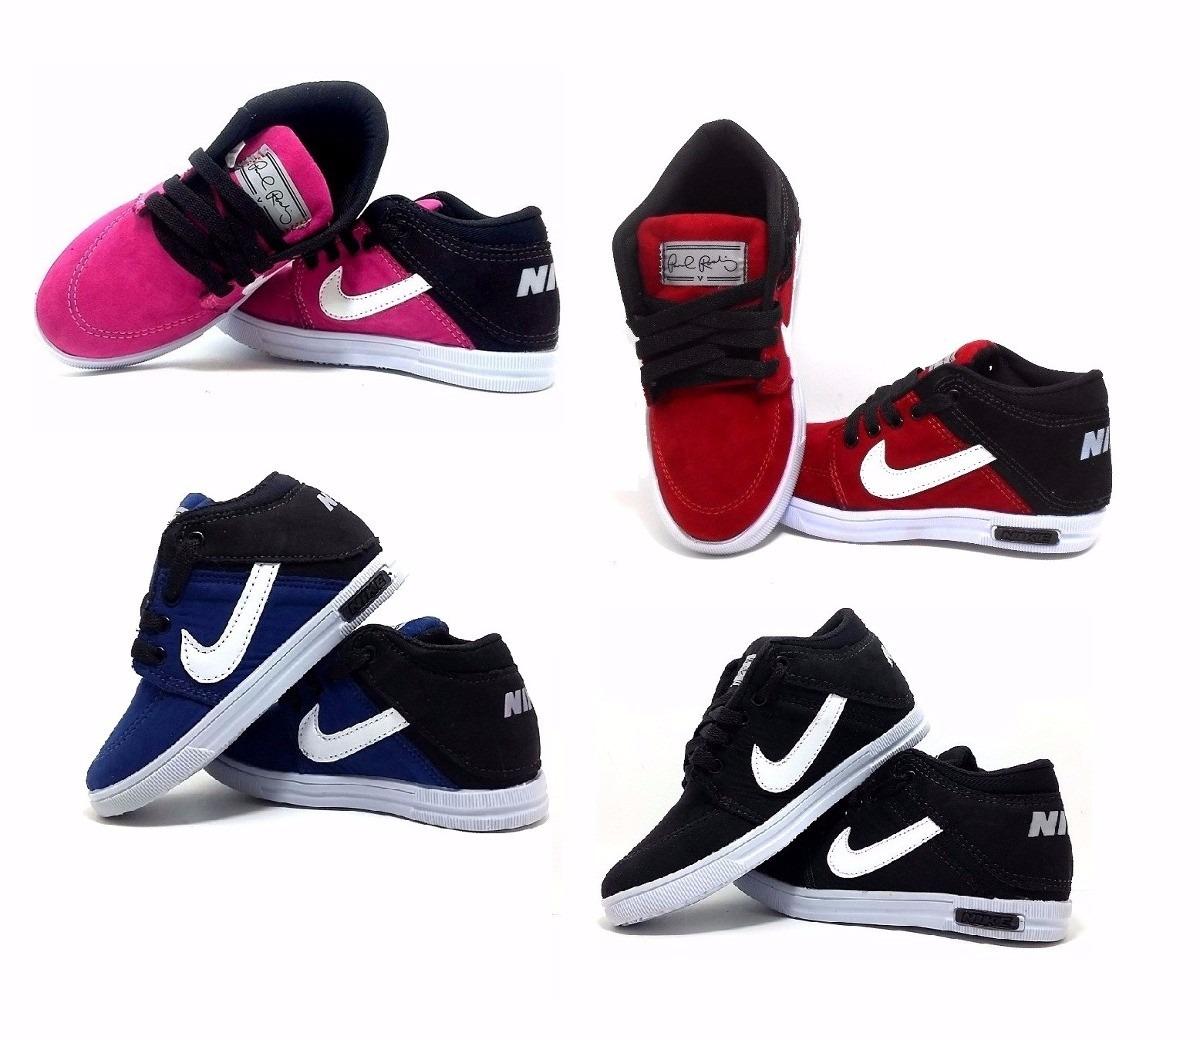 Tenis Nike Botinha Infantil Netshoes Style Guru Fashion Glitz